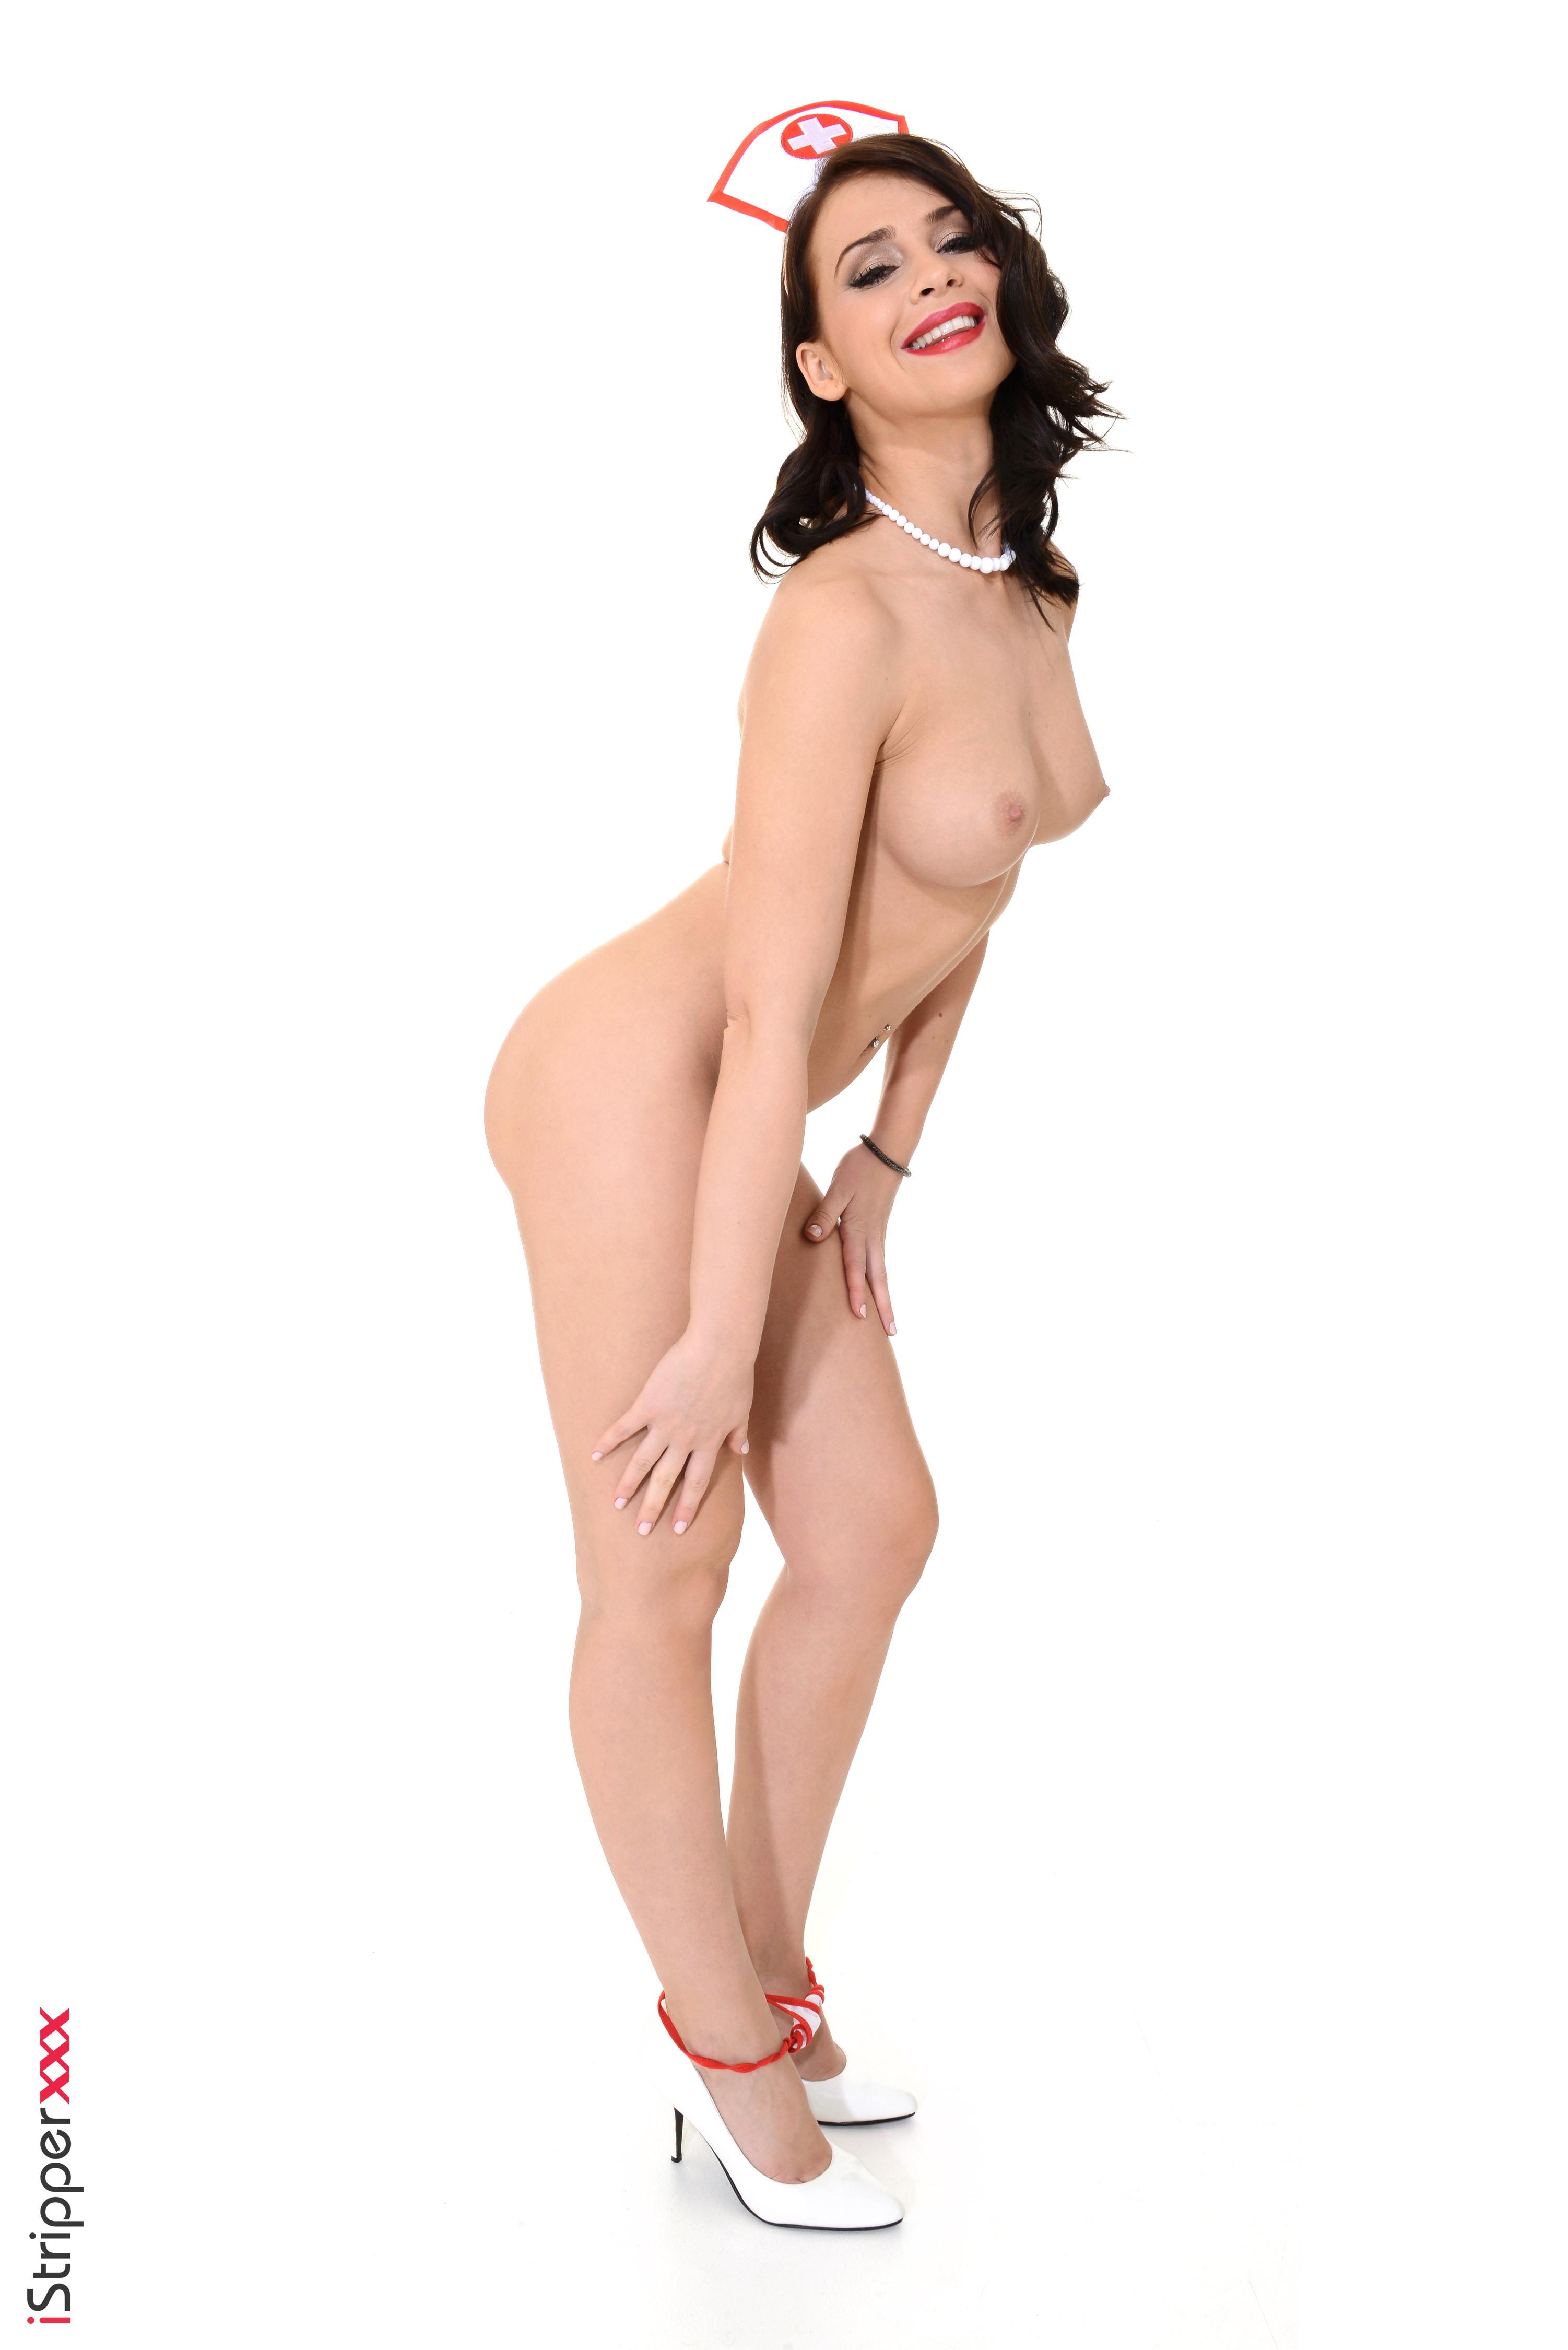 hot girls desktop wallpaper